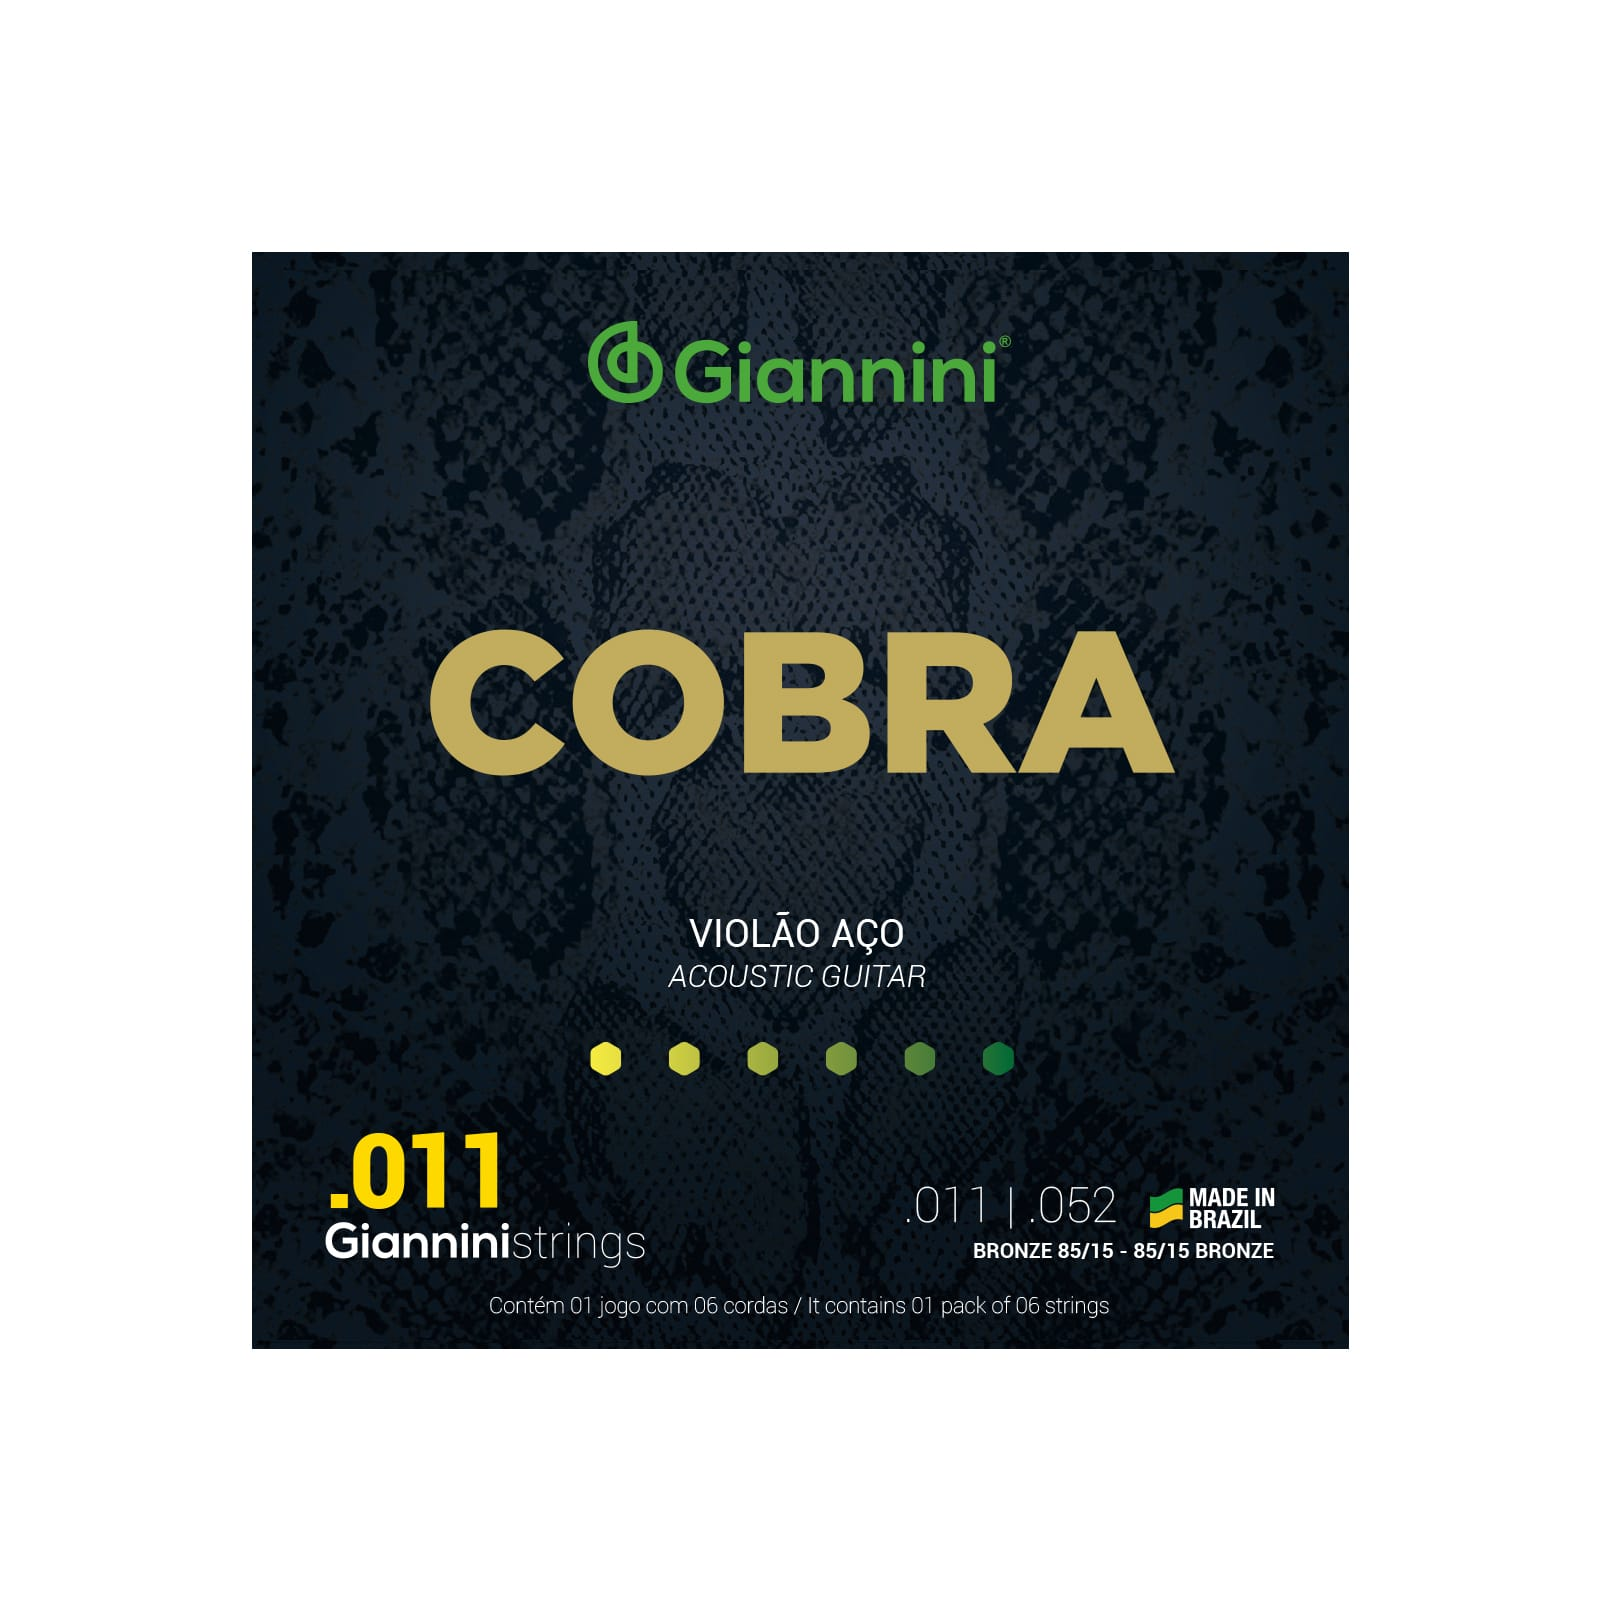 Encordoamento Giannini  para Violão Aço 6 cordas Cobra Bronze 85/15 GEEFLK (.011 – .052)